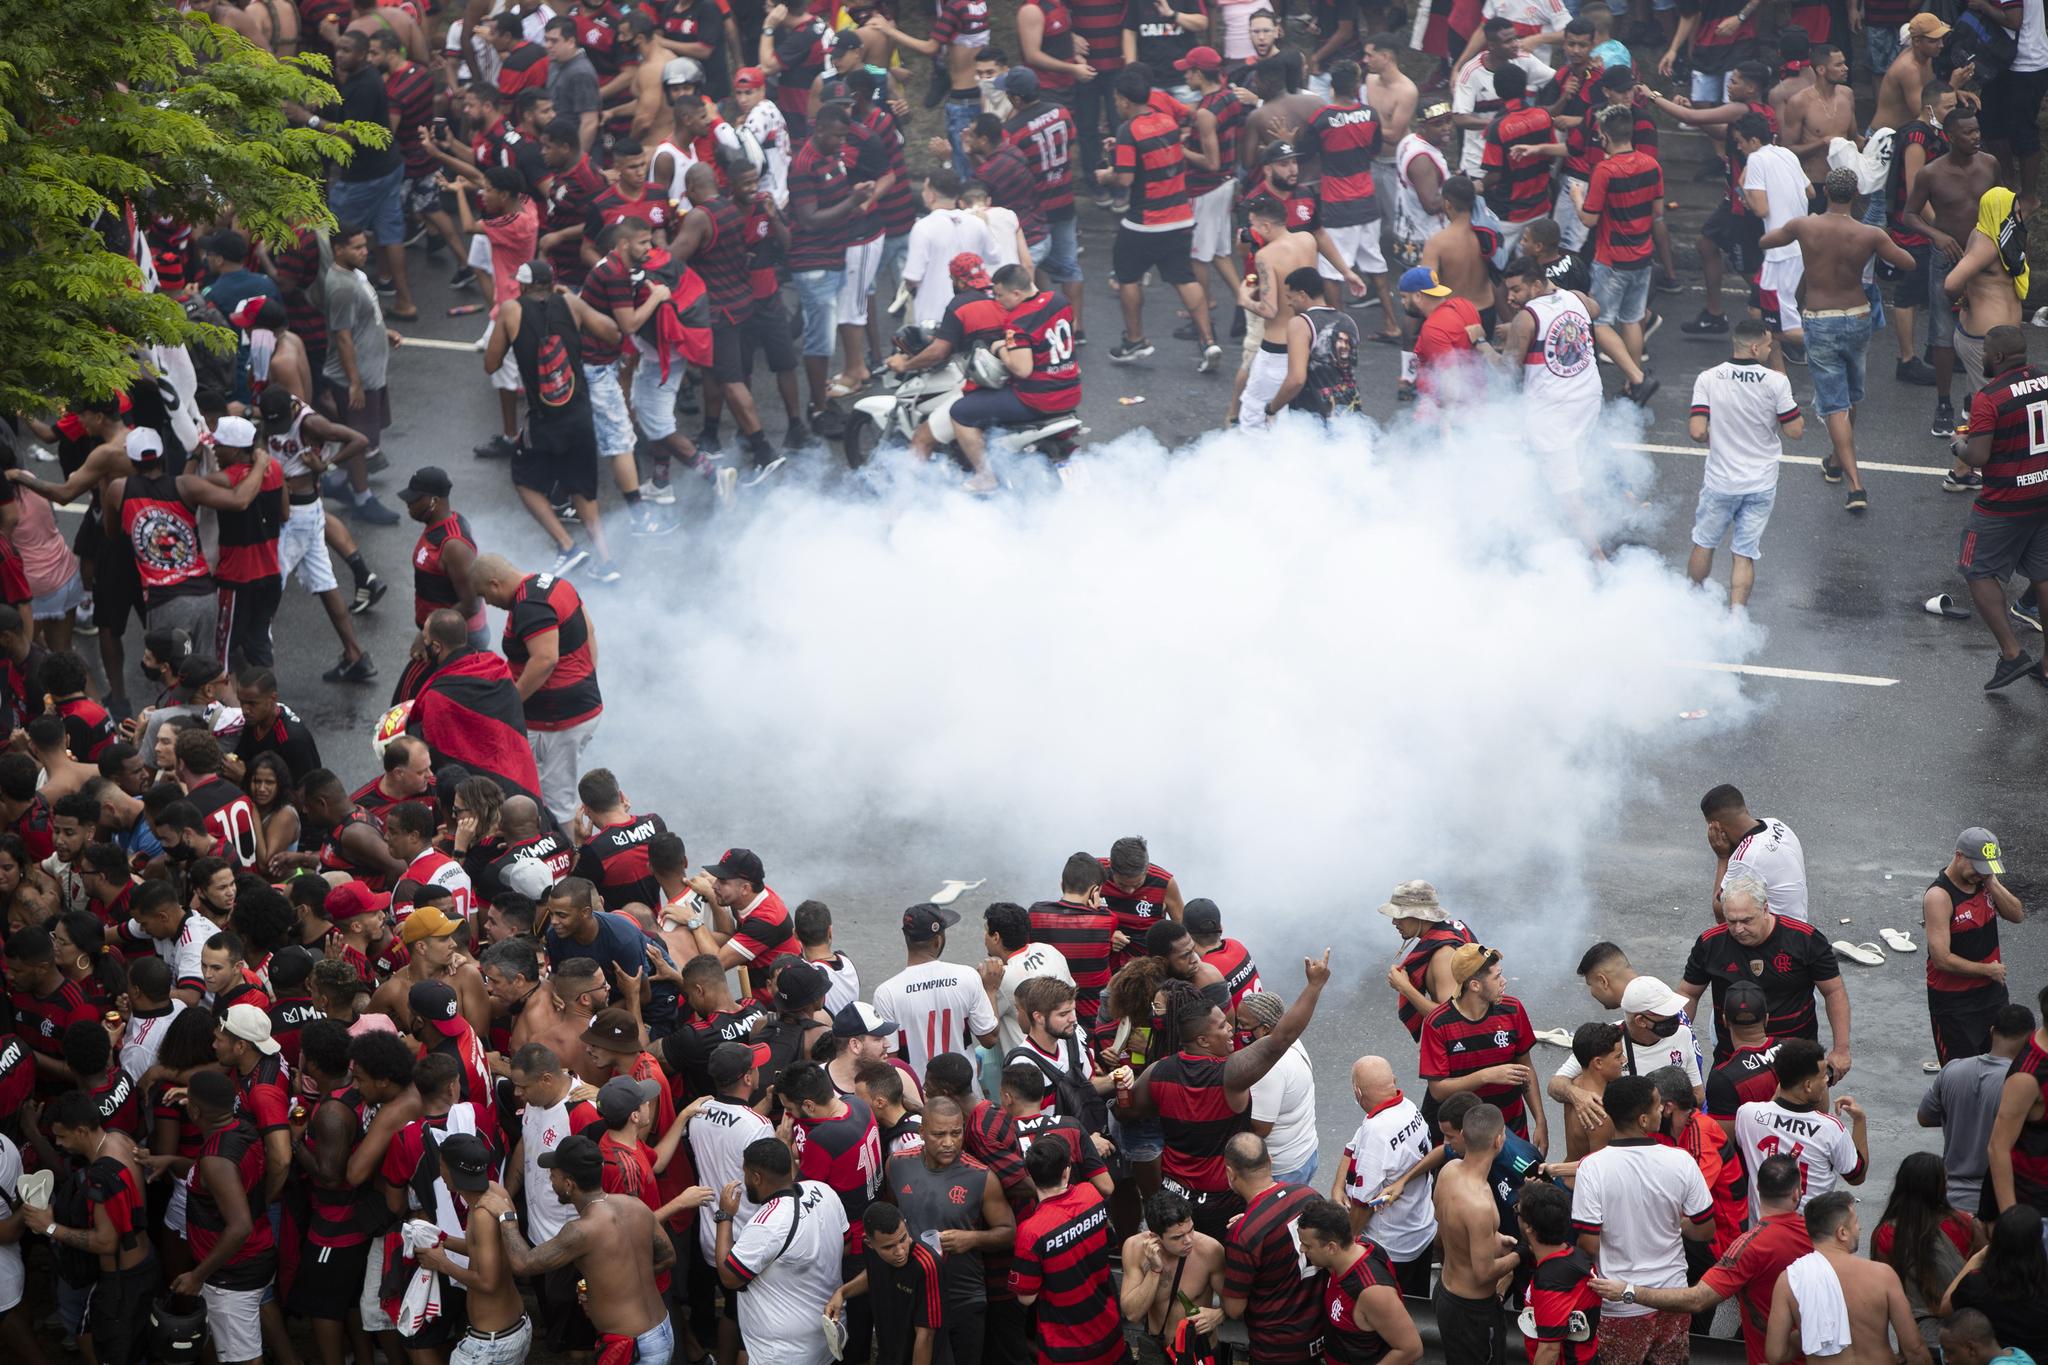 결국 축구팬은 경찰과 충돌까지 했다. 플라멩구 팬들이 경찰이 쏜 최루탄에 흩어지고 있다. AP=연합뉴스